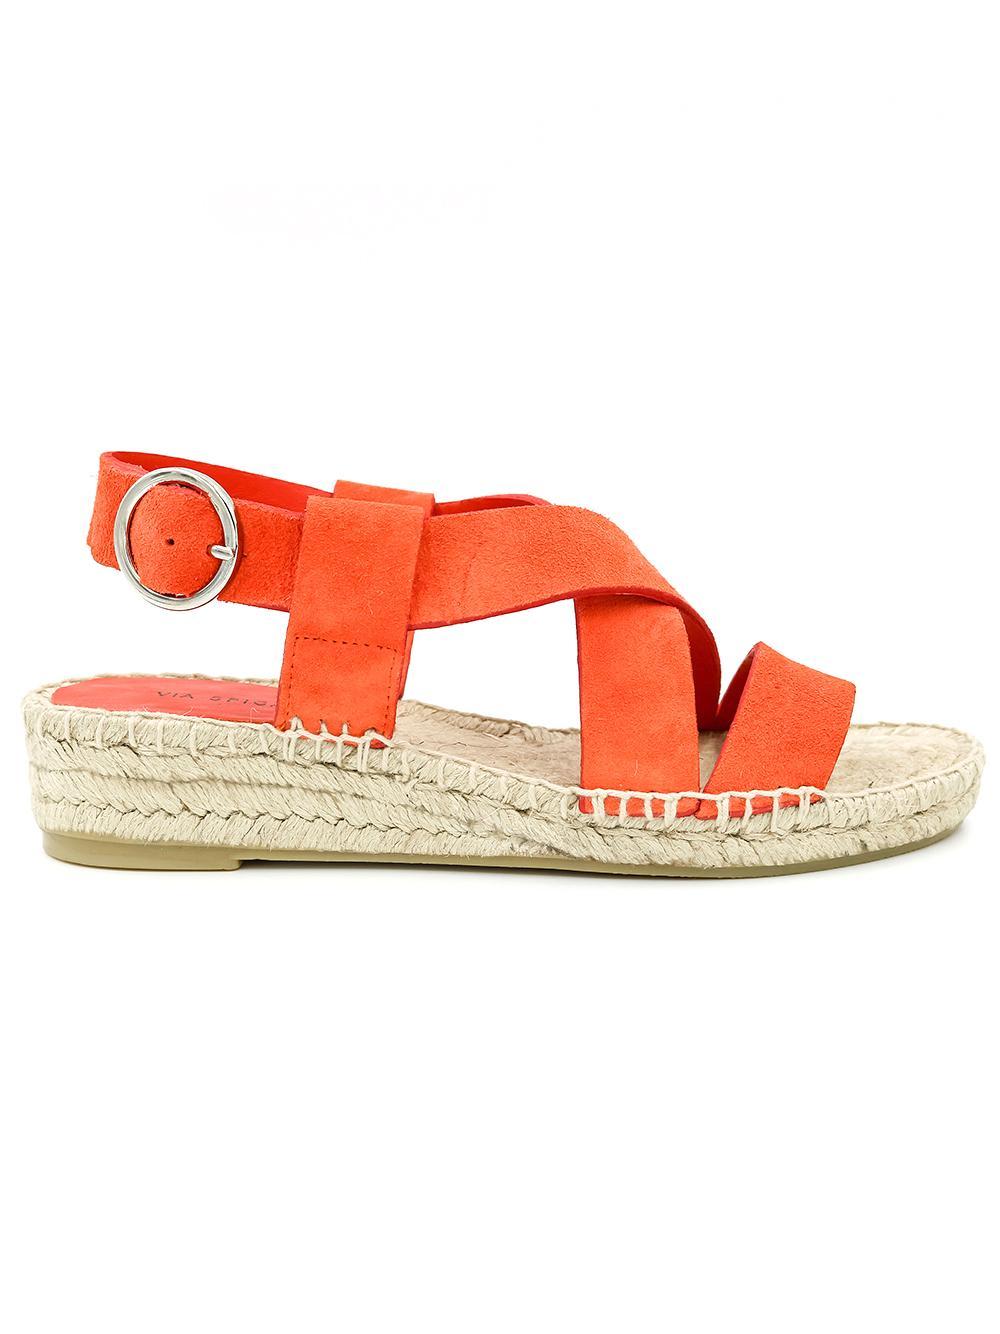 Suede Strappy Espadrille Sandal Item # V-GIA